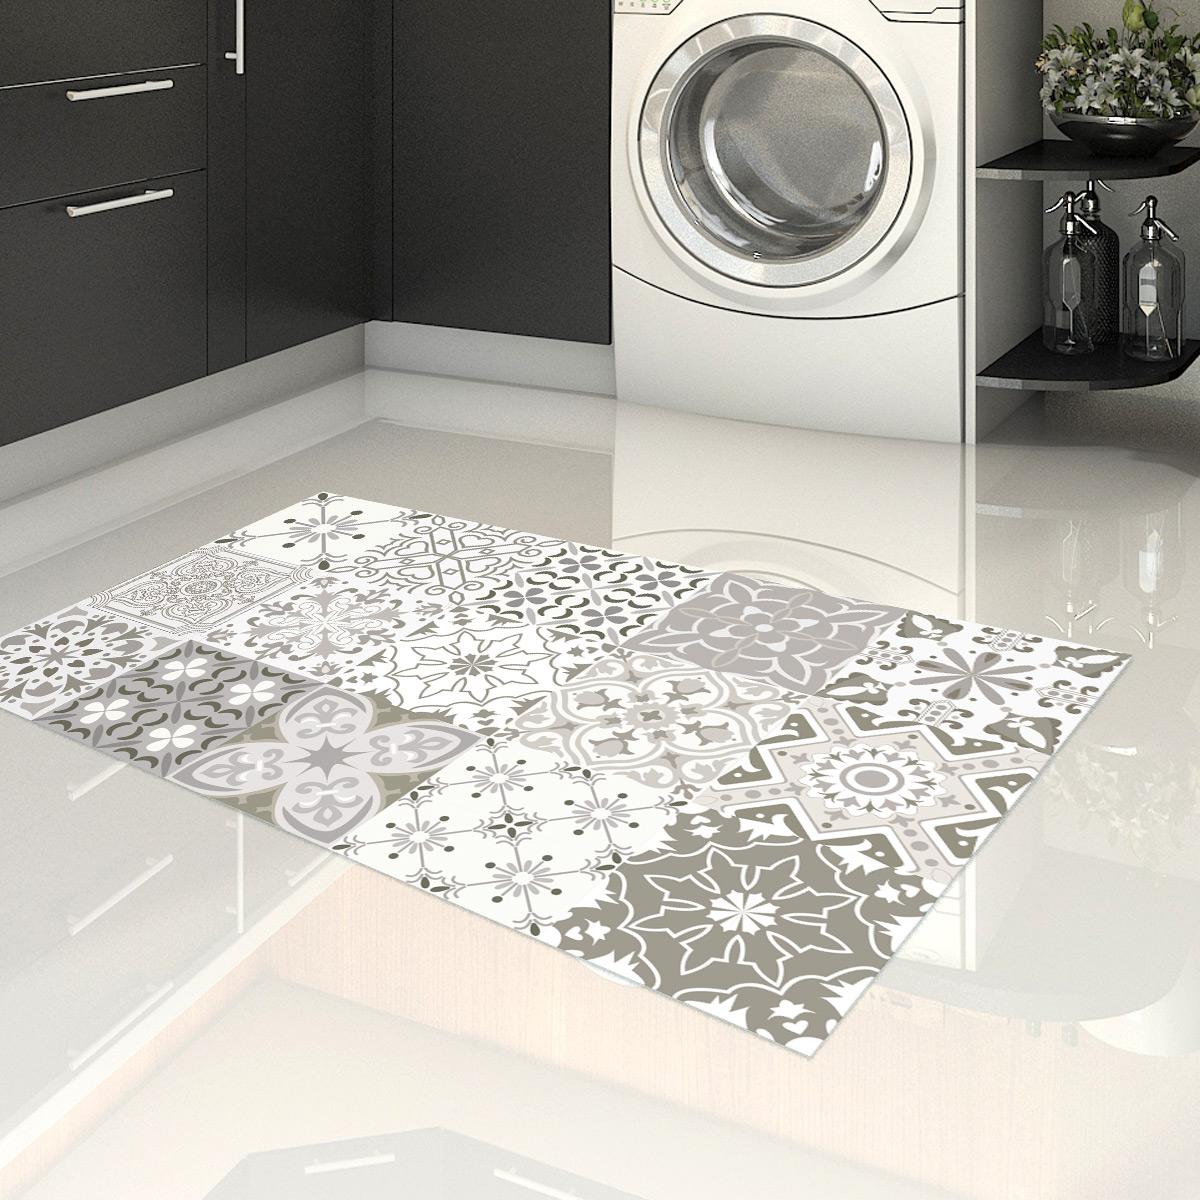 tapis vinyle carrelages nuances de gris rom o 60 x 100 cm stickers art et design artistiques. Black Bedroom Furniture Sets. Home Design Ideas